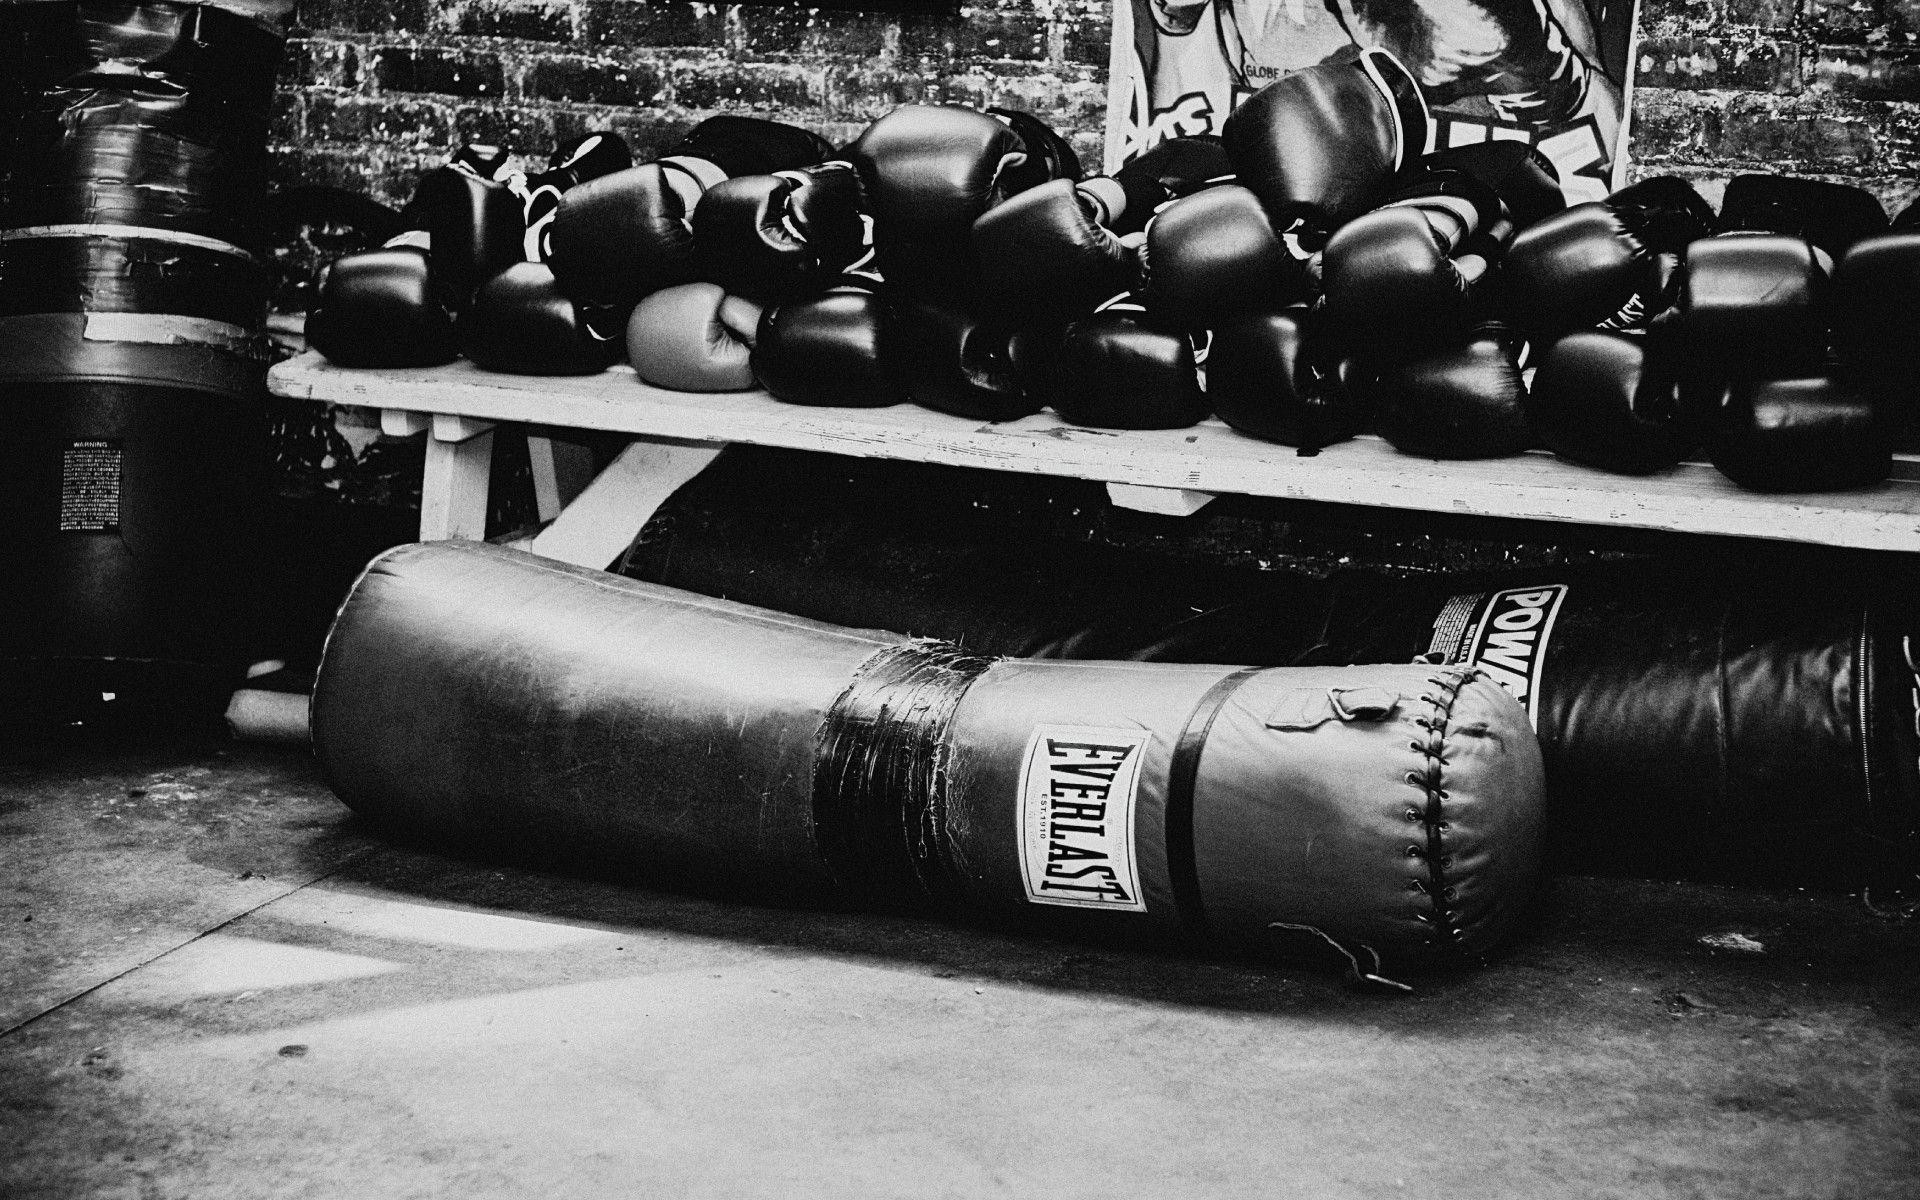 wallpaper.wiki-Boxing-Gloves-Wallpaper-for-Desktop-PIC-